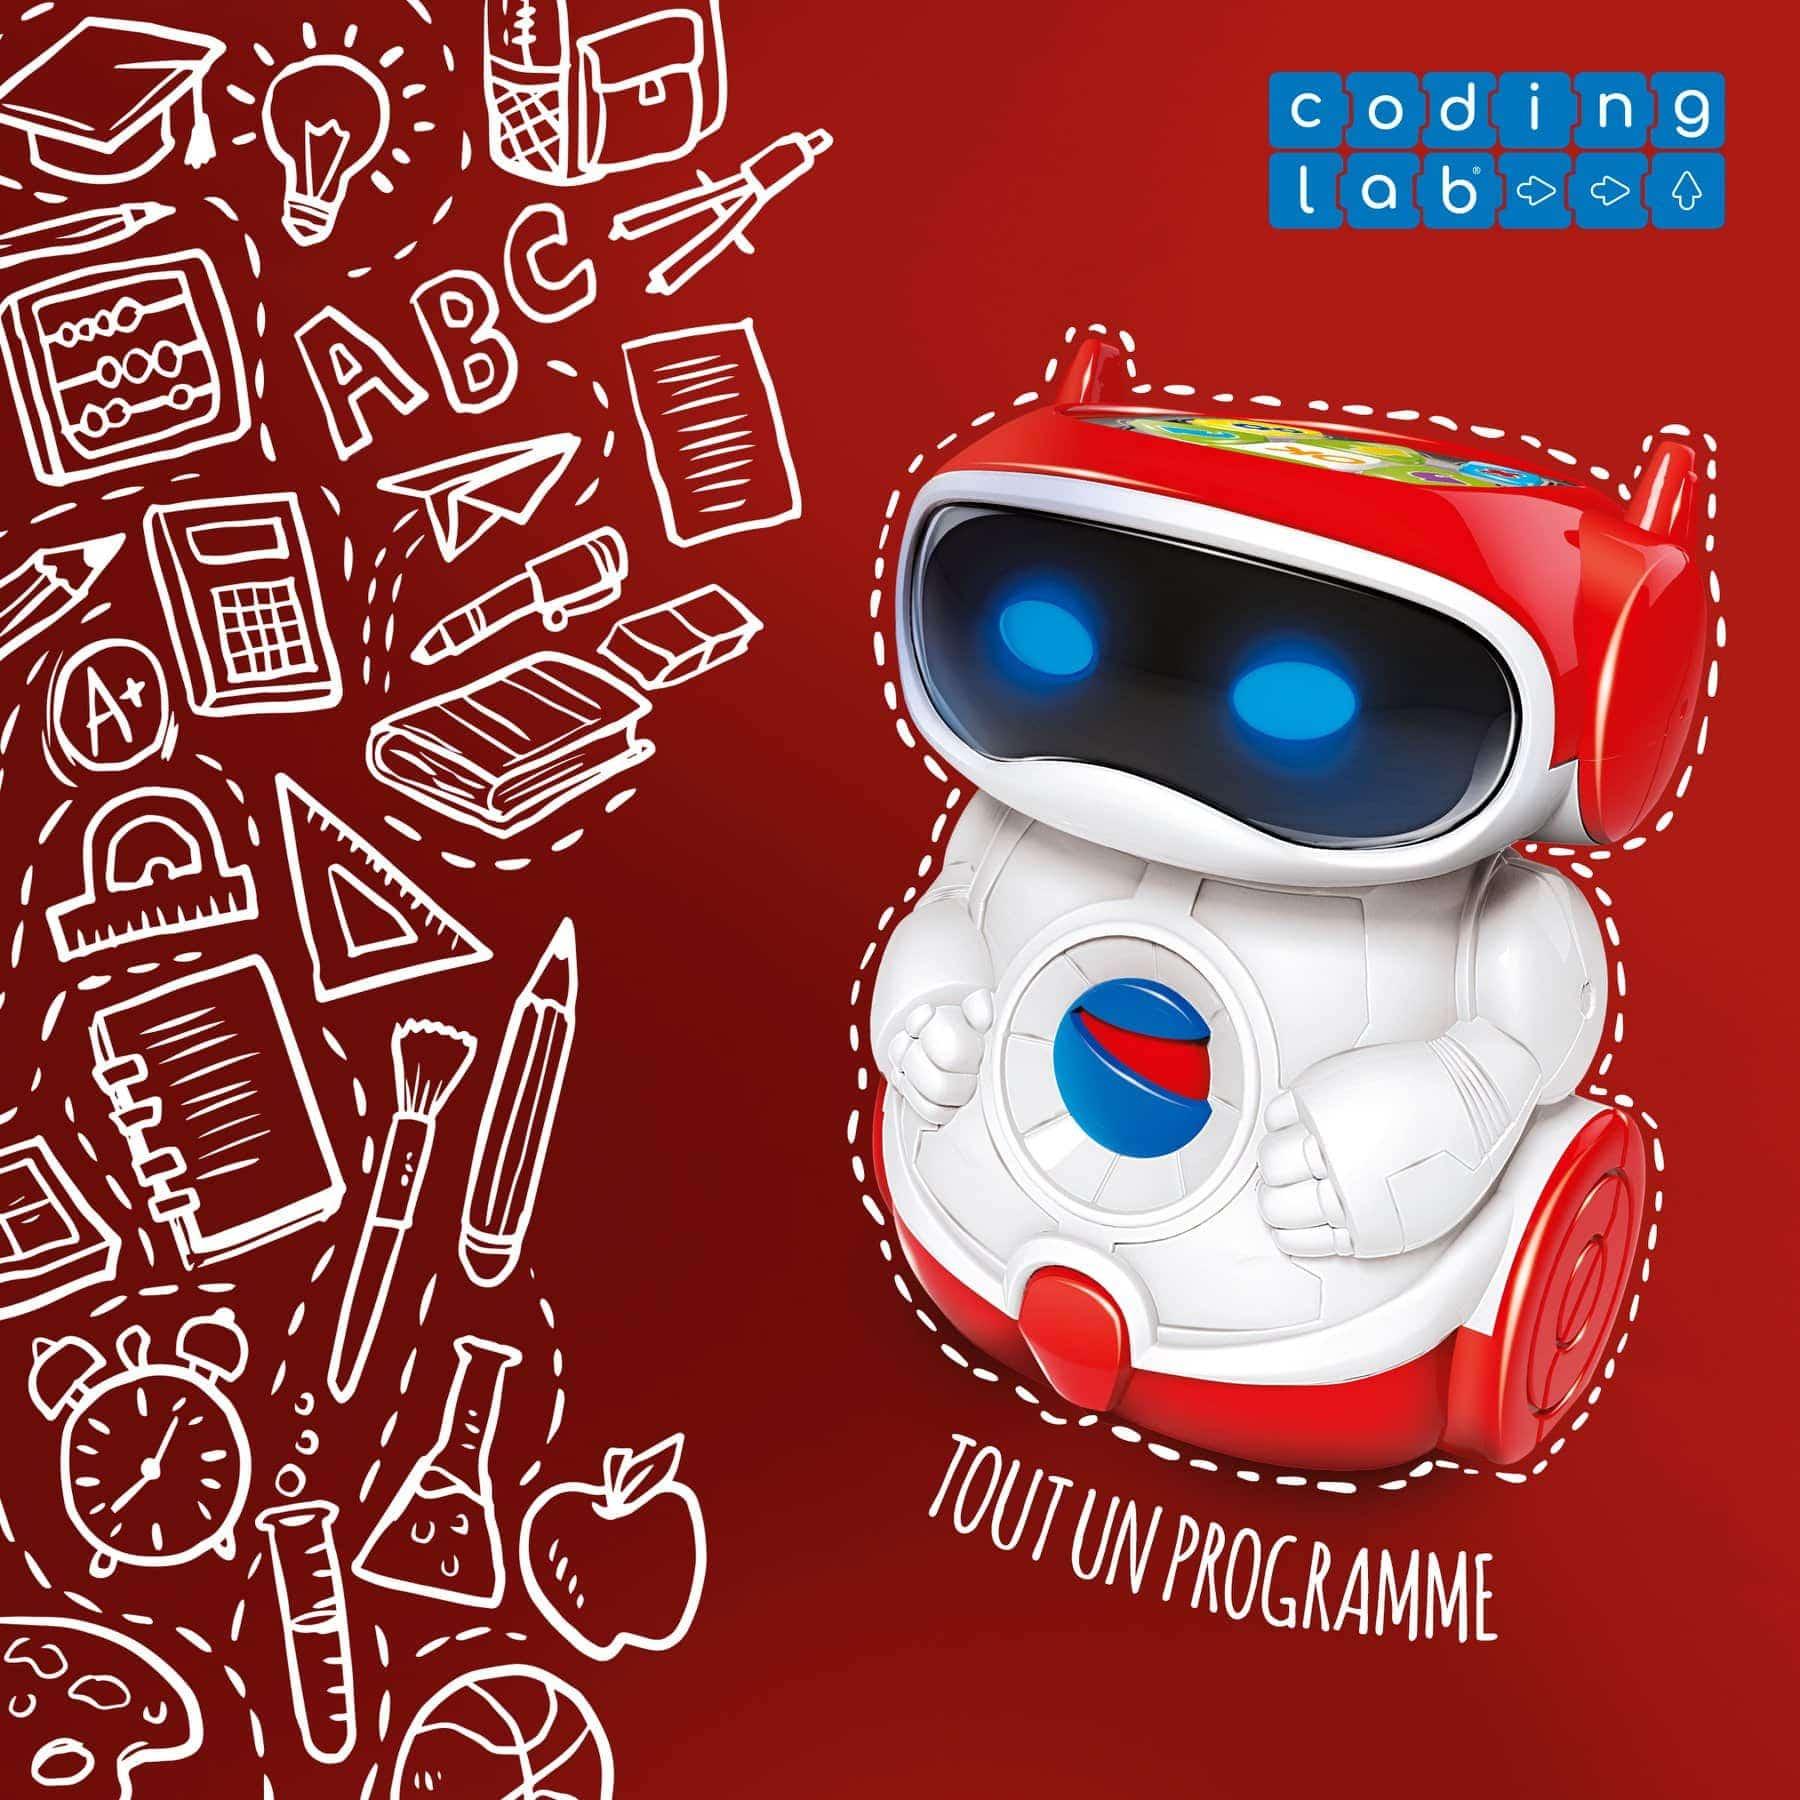 petit robot rouge de clementoni coding